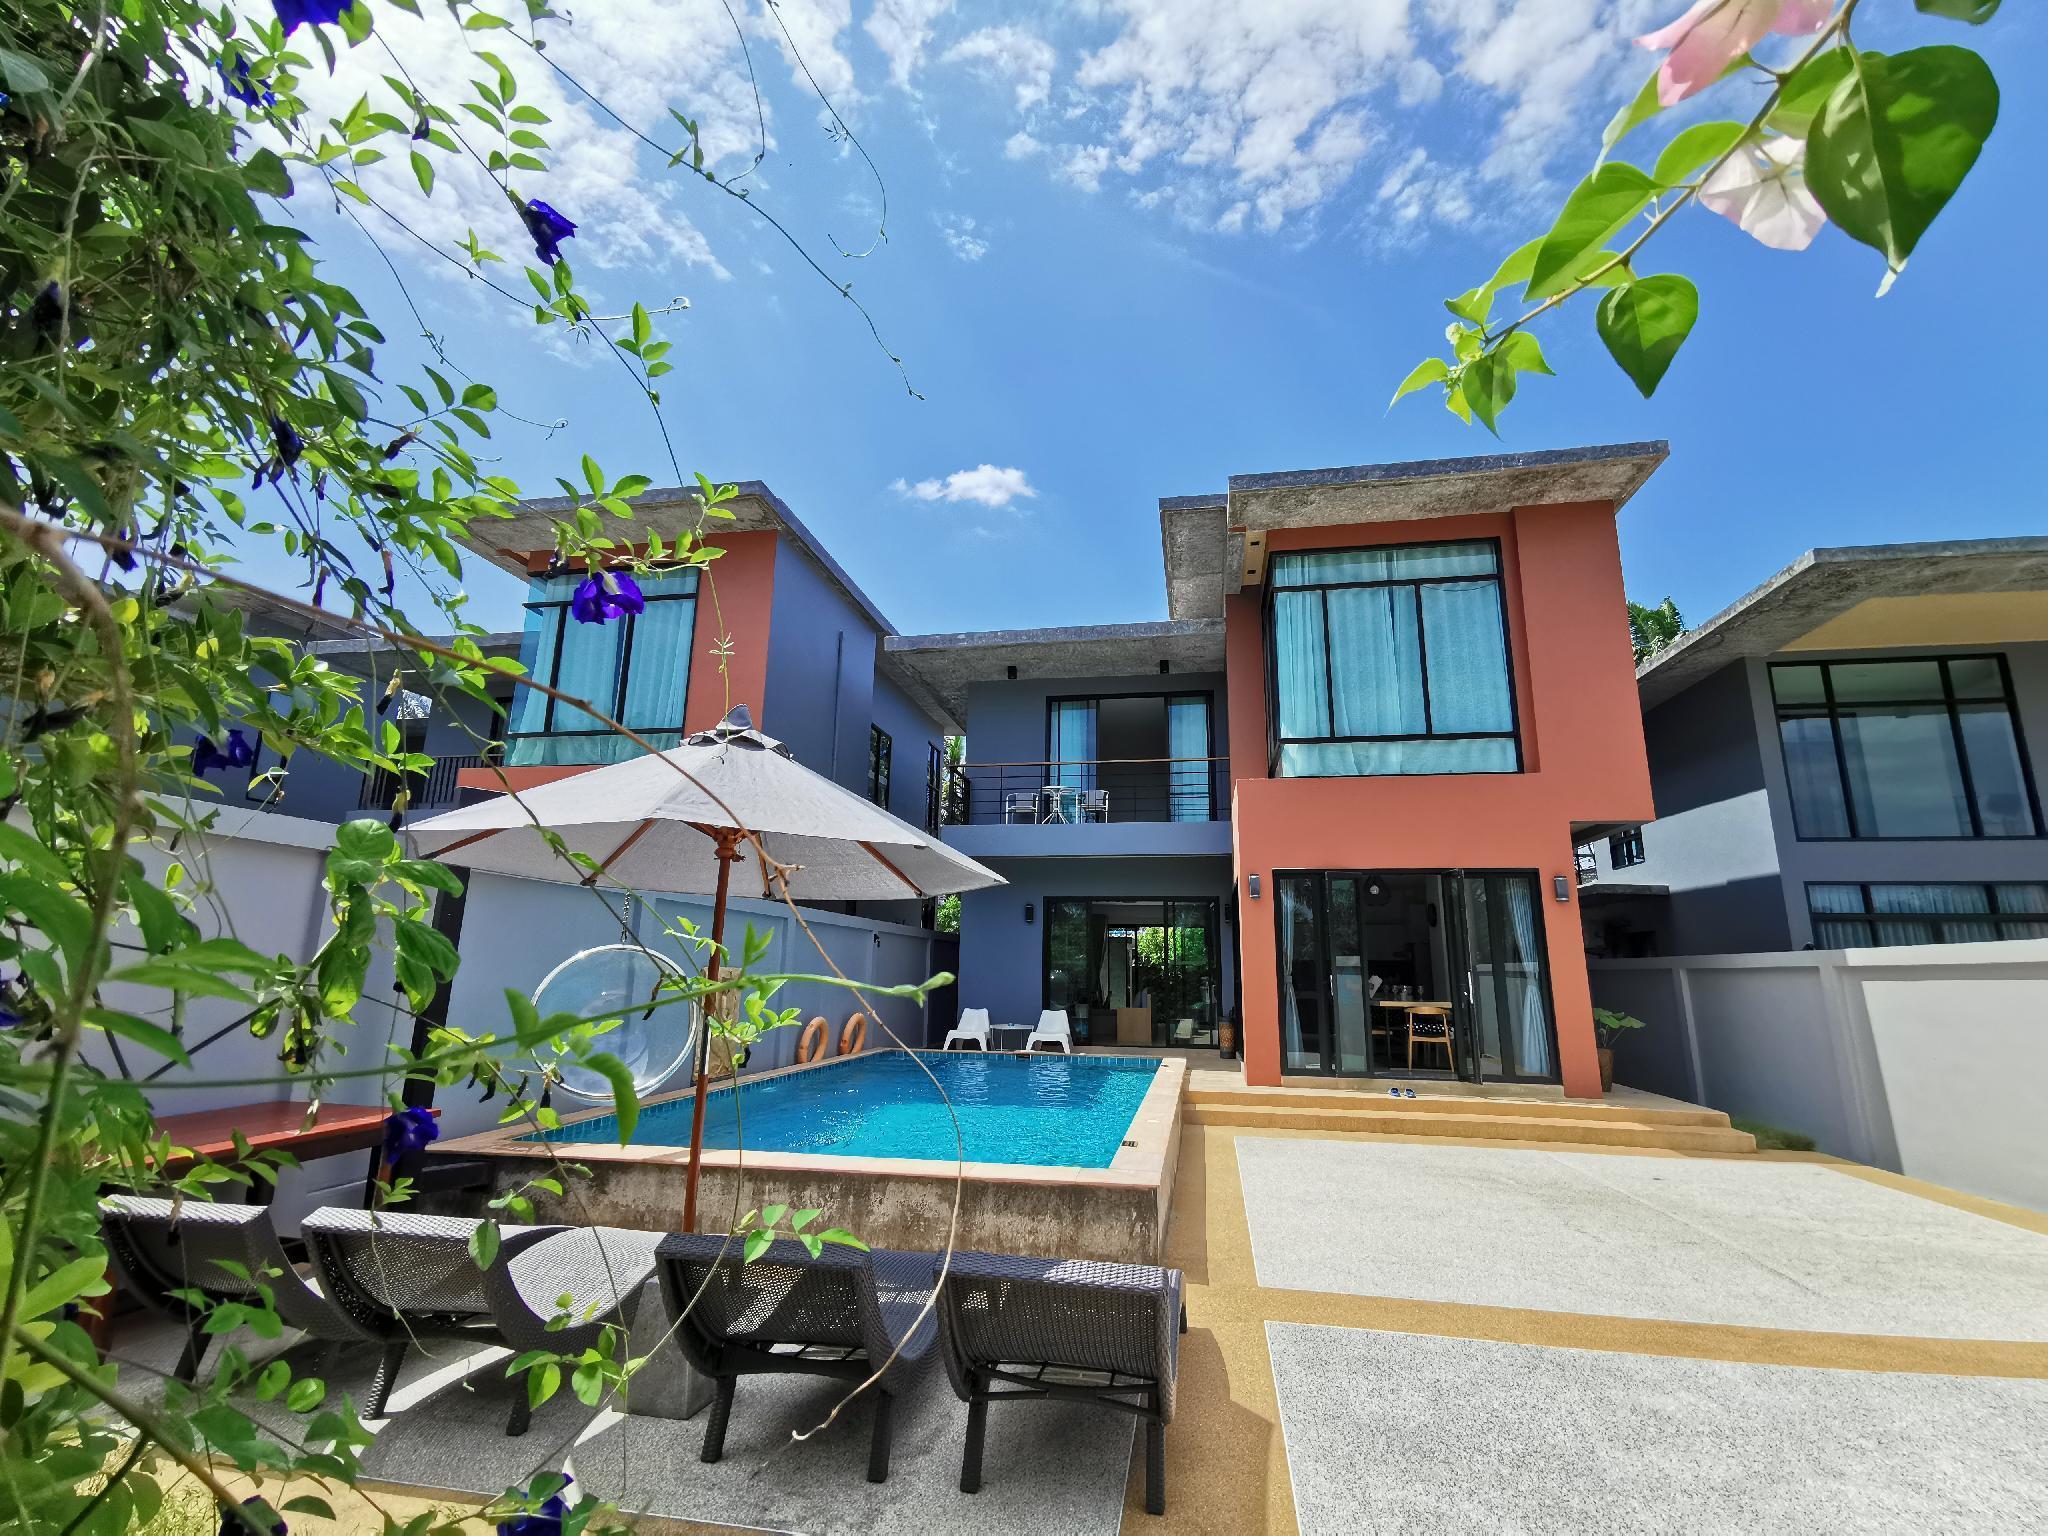 Aonang nine pool villa2 วิลลา 3 ห้องนอน 3 ห้องน้ำส่วนตัว ขนาด 170 ตร.ม. – อ่าวนาง